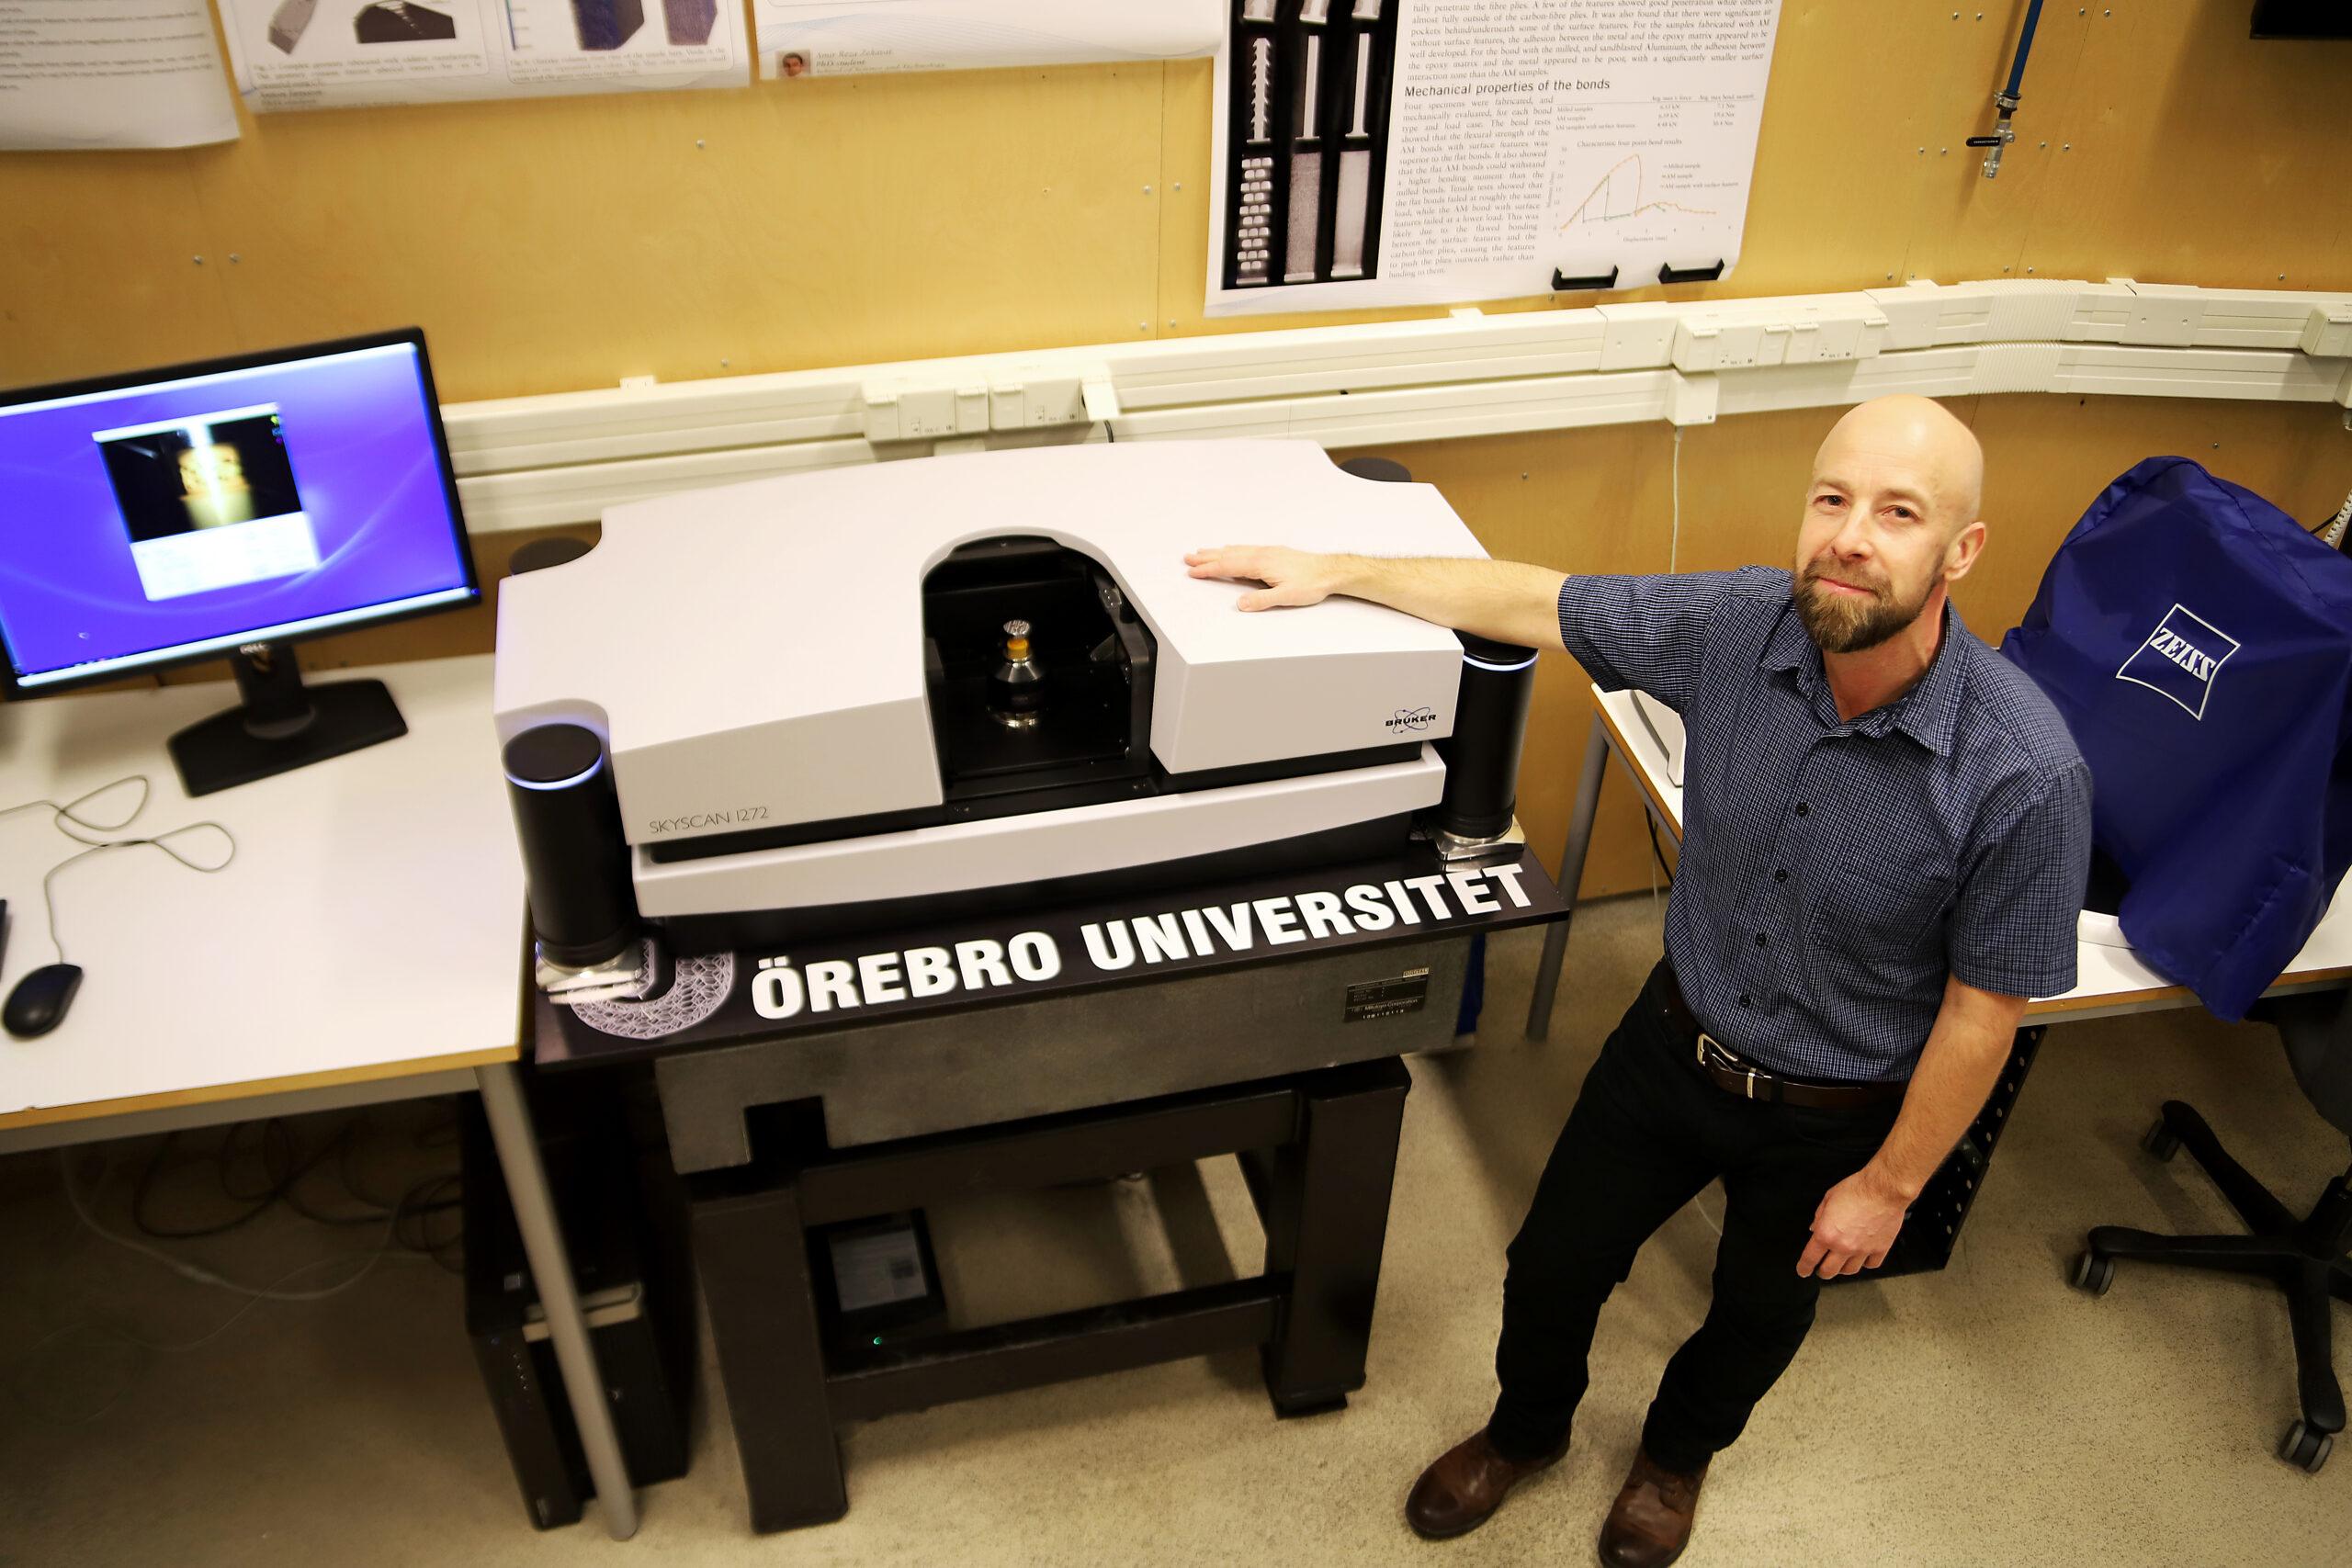 Patrik Karlsson på Örebro universitet, uppskattar att analysen kommer ta 50 arbetsdagar. Foto: Örebro universitet